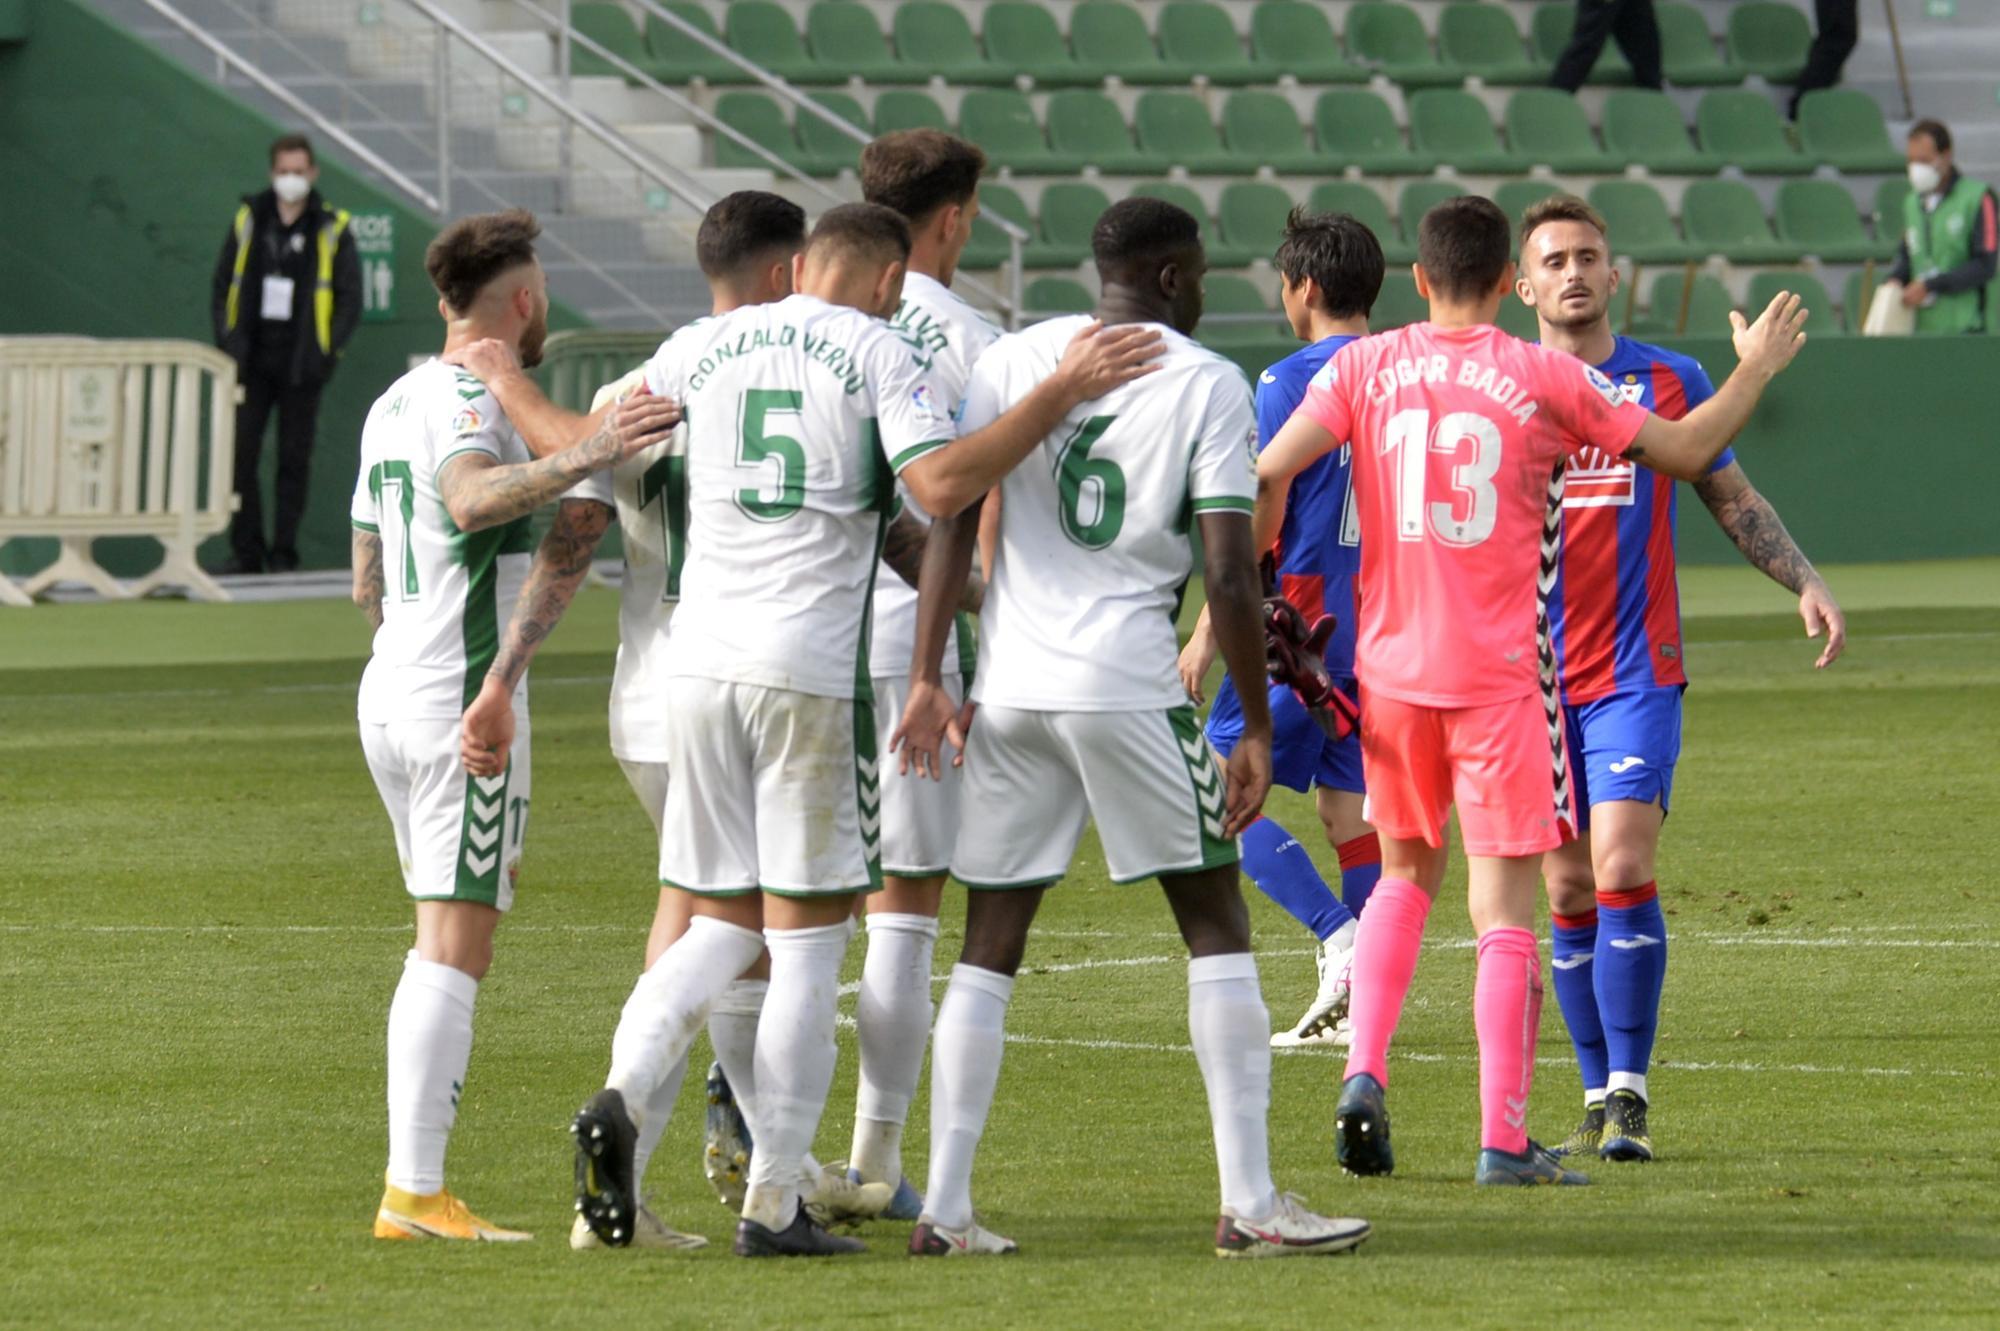 El Elche vence al Eibar 1-0 y se reencuentra con la victoria después de 17 partidos